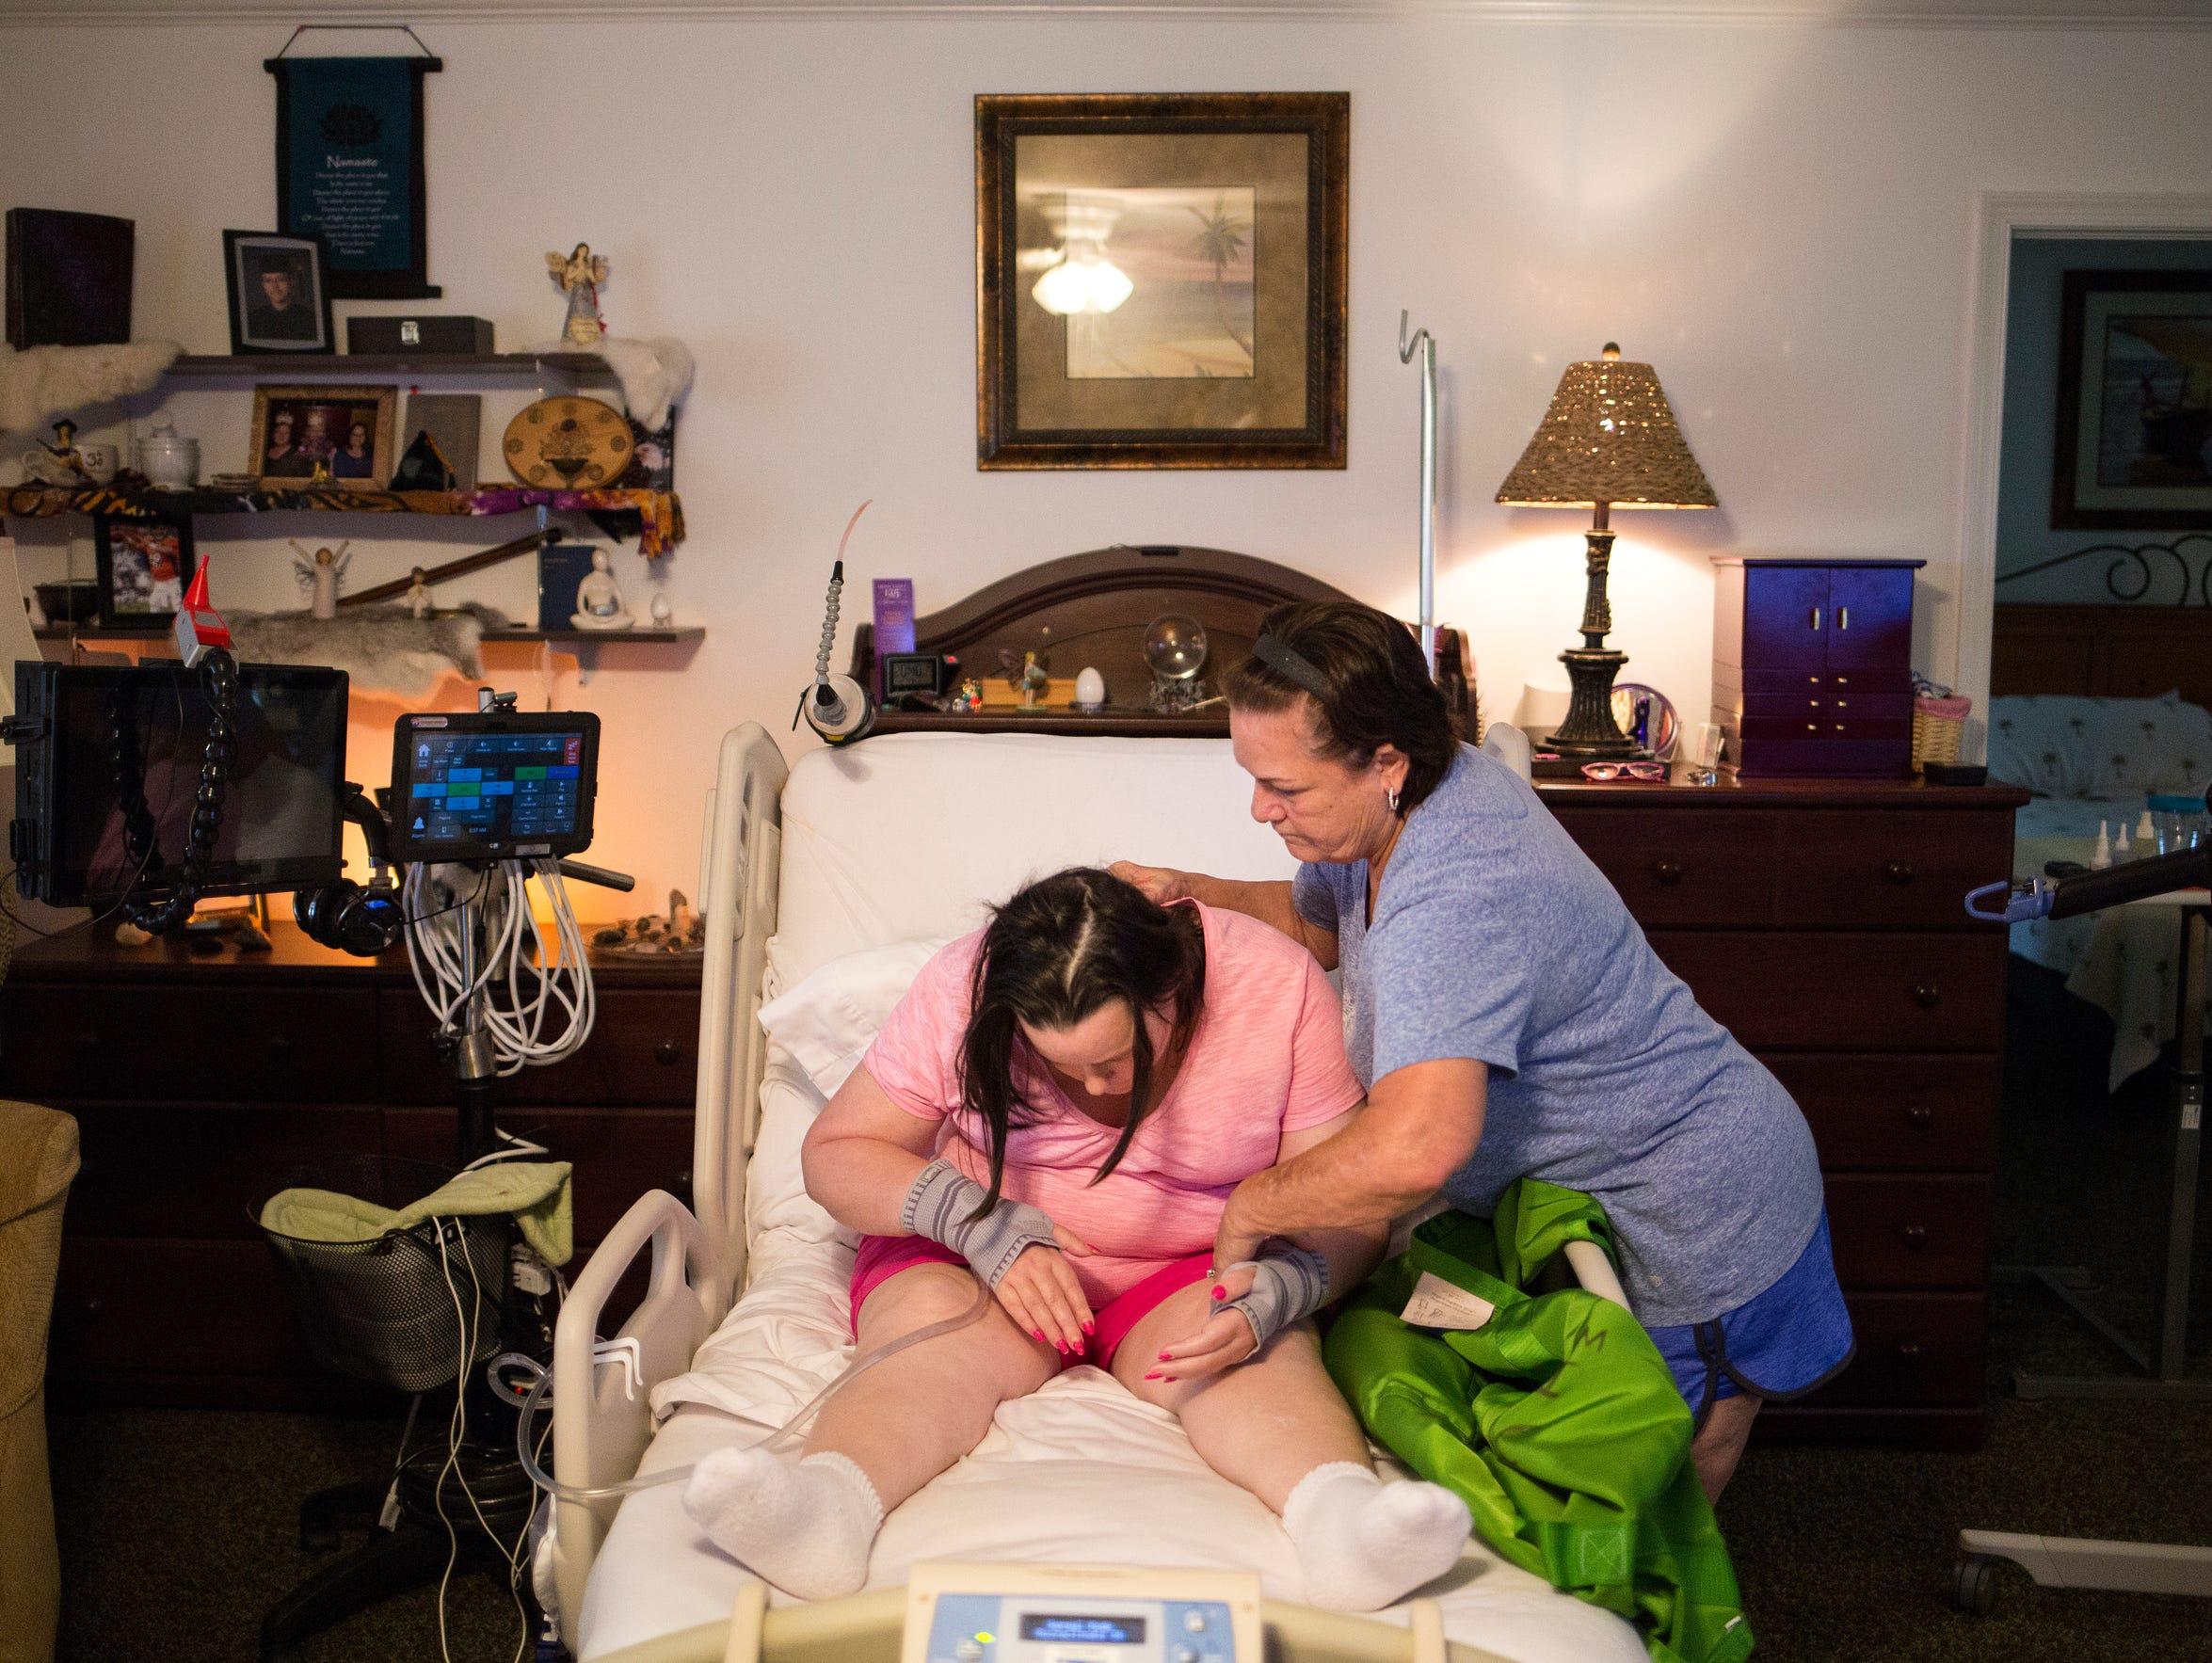 Renee Whisner's mother, Mimi Treadway, helps adjust